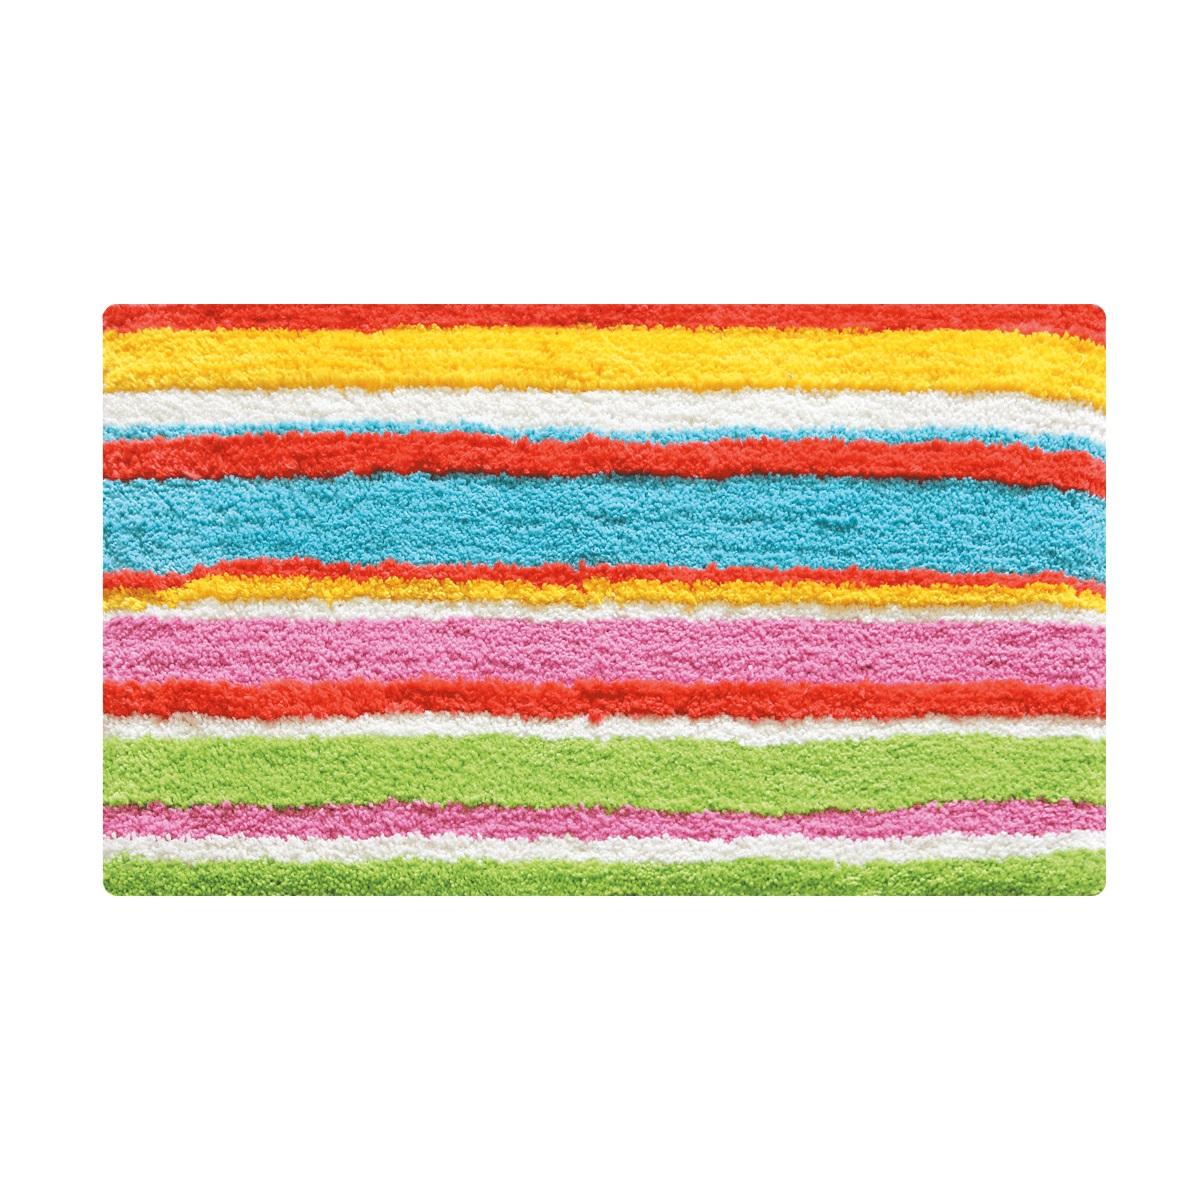 Коврик для ванной Iddis Summer Stripes, цвет: розовый, 50 х 80 см290M580i12Коврик для ванной комнаты Iddis выполнен из 100% полиэстера. Коврик имеет специальную латексную основу, благодаря которой он не скользит на напольных покрытиях в ванной, что обеспечивает безопасность во время использования. Коврик изготавливается по специальным технологиям машинного ручного тафтинга, что гарантирует высокое качество и долговечность.Высота ворса: 2,5 см.